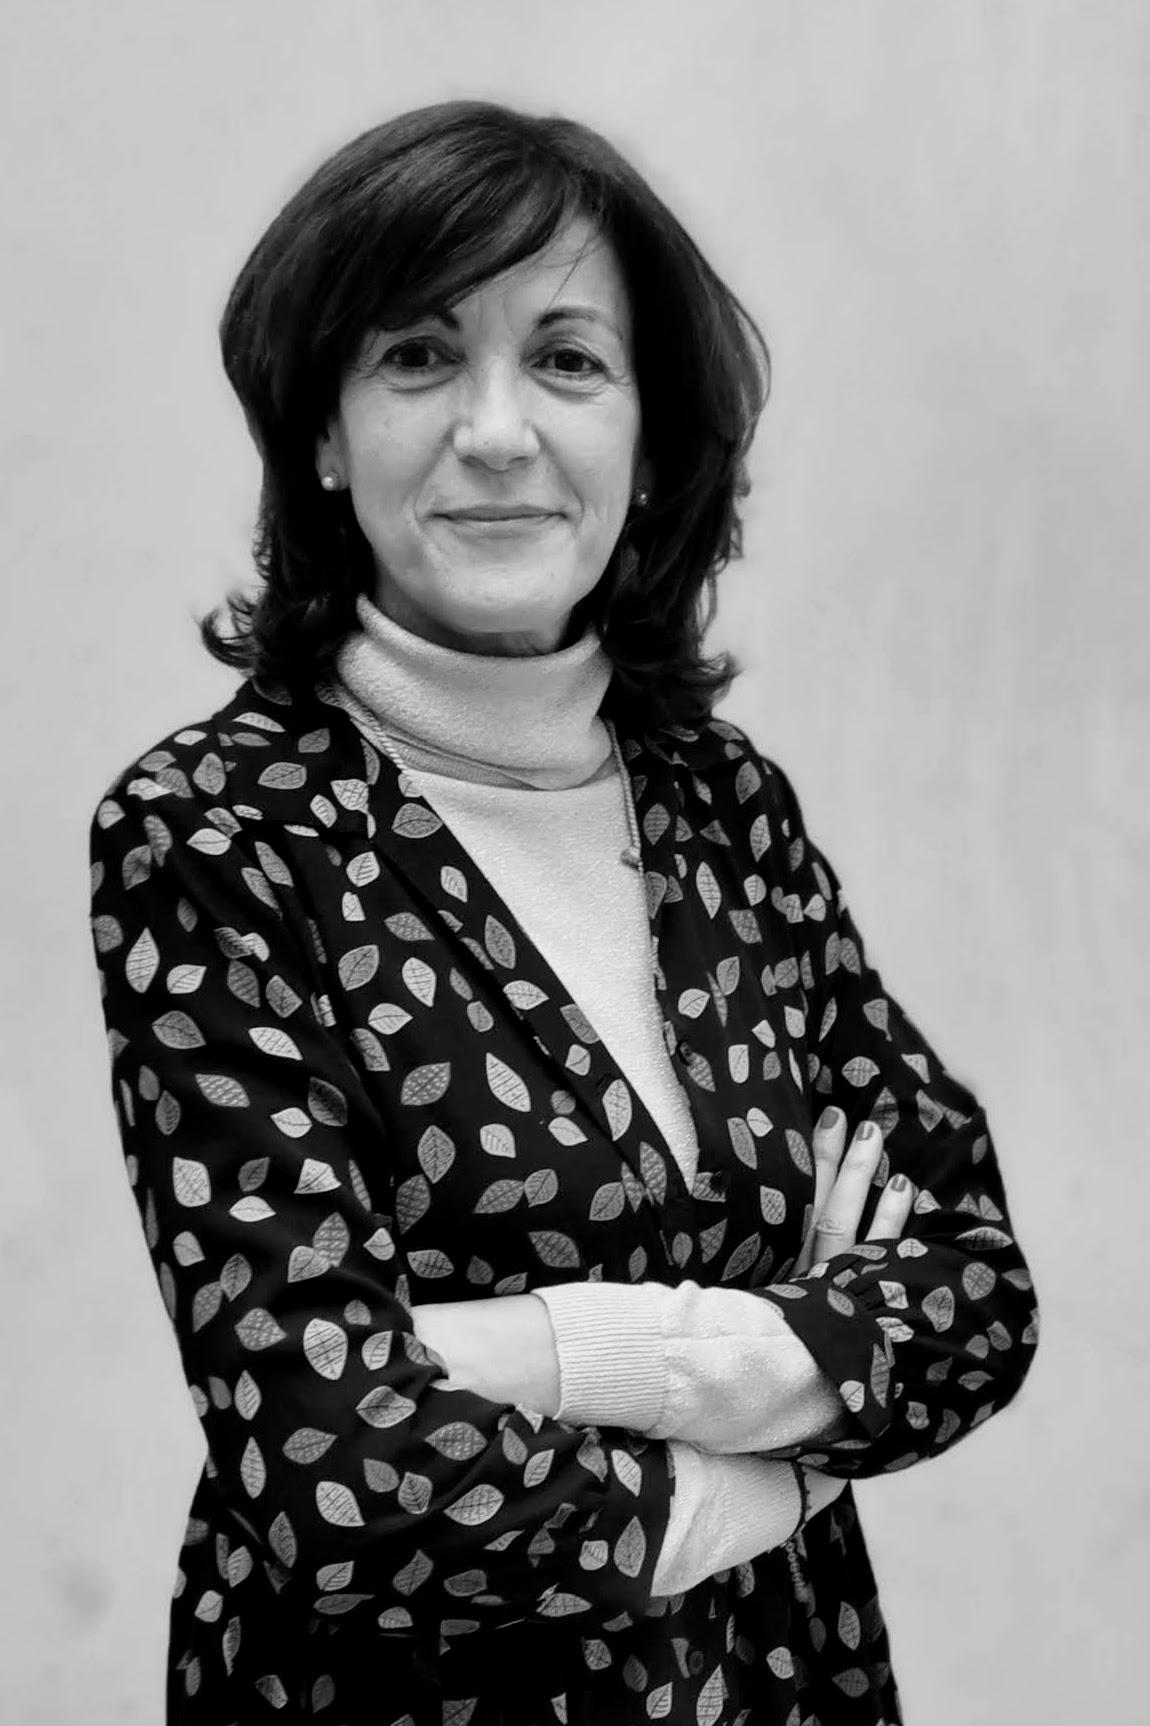 Elvira Caspers